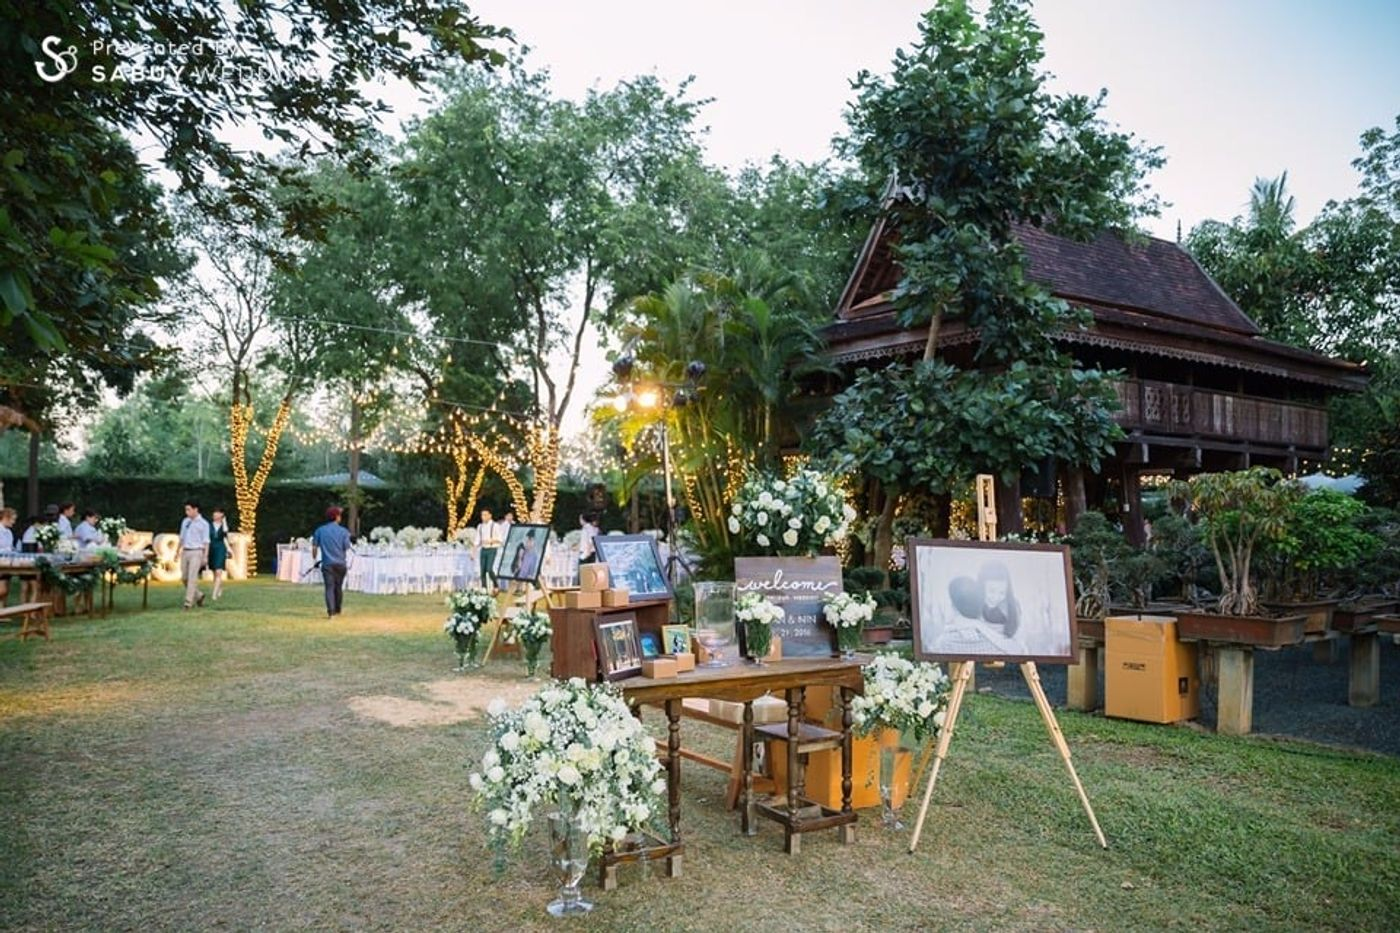 สถานที่แต่งงาน,สถานที่จัดงานแต่งงาน,ตกแต่งงานแต่ง,งานแต่ง outdoor,เรือนไทย รีวิวงานแต่งอิ่มใจไปกับงานหมั้นล้านนา ปิดท้าย Sit-down dinner ประดับไฟแสนสวยในสวนหลังบ้าน